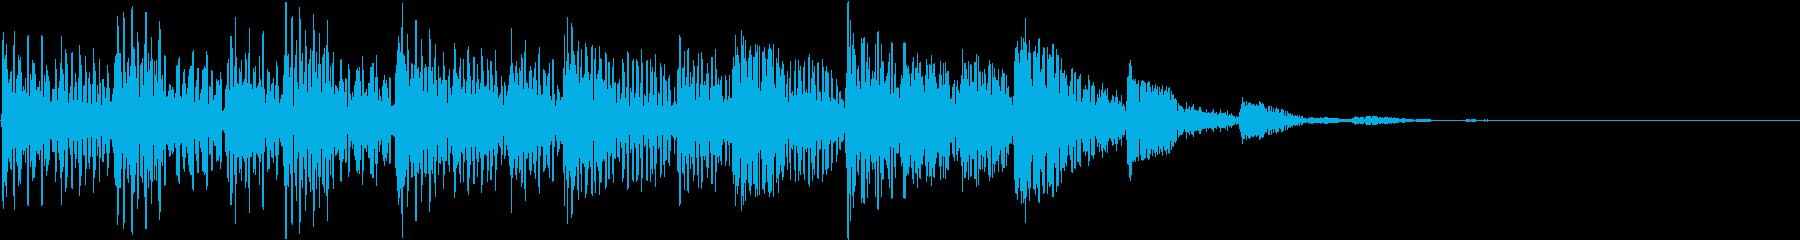 海外ドラム風/未来的な場面転換効果音の再生済みの波形